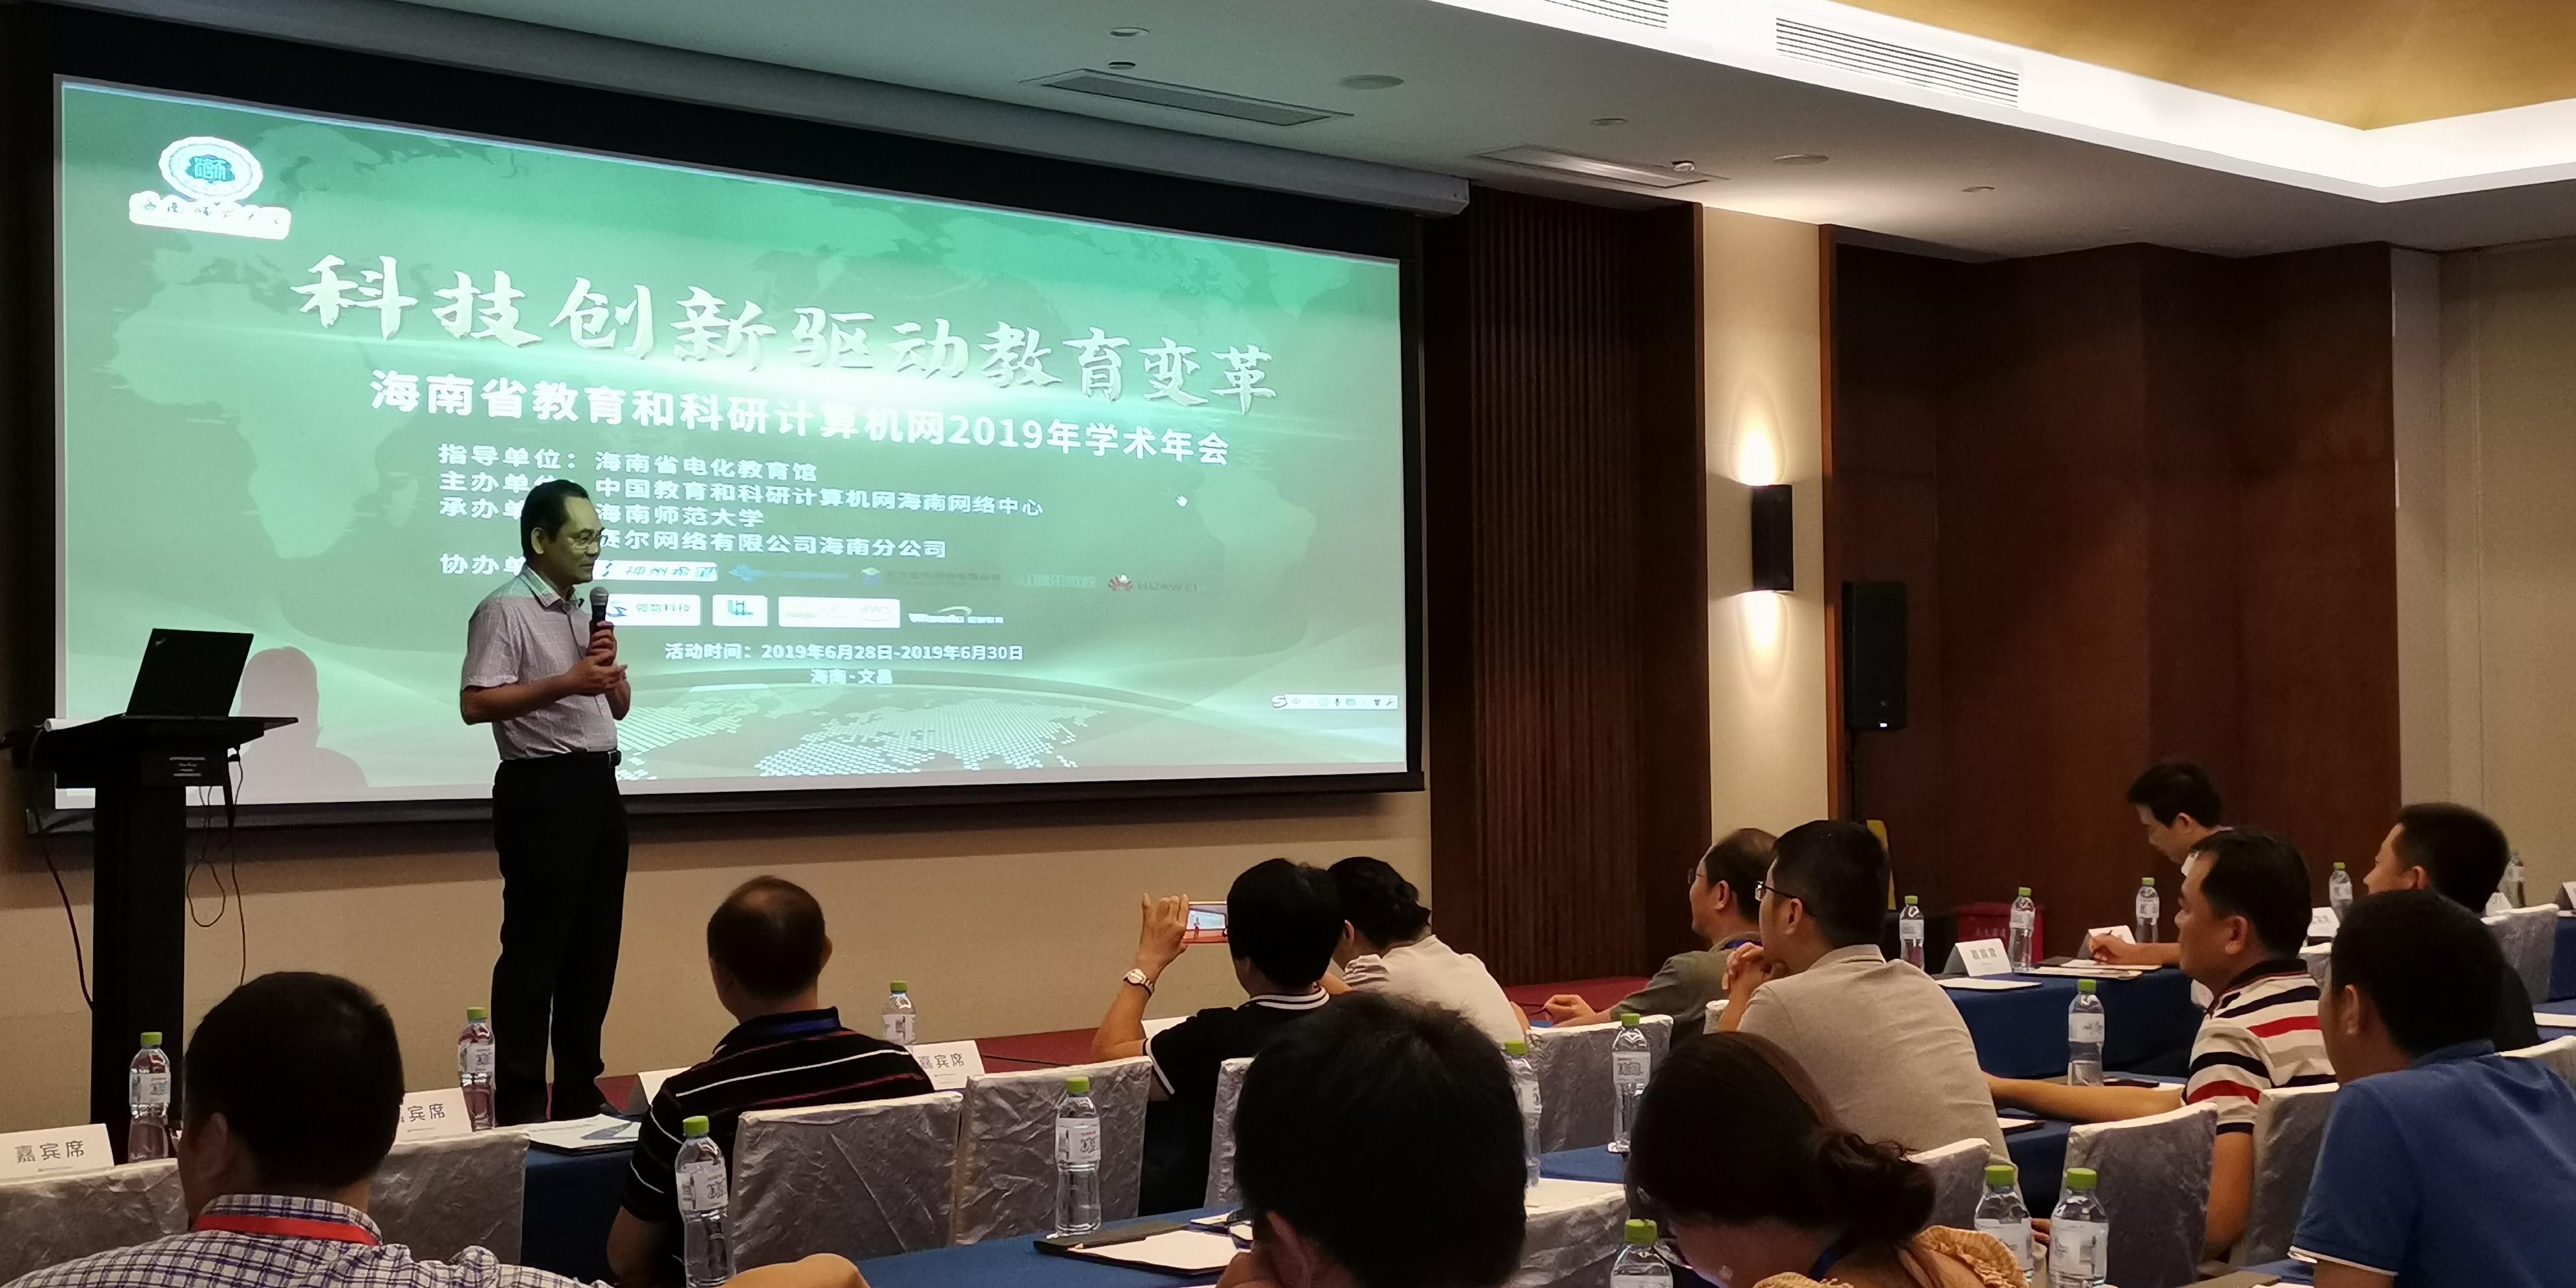 我校承办海南省教育和科研计算机网2019年学术年会